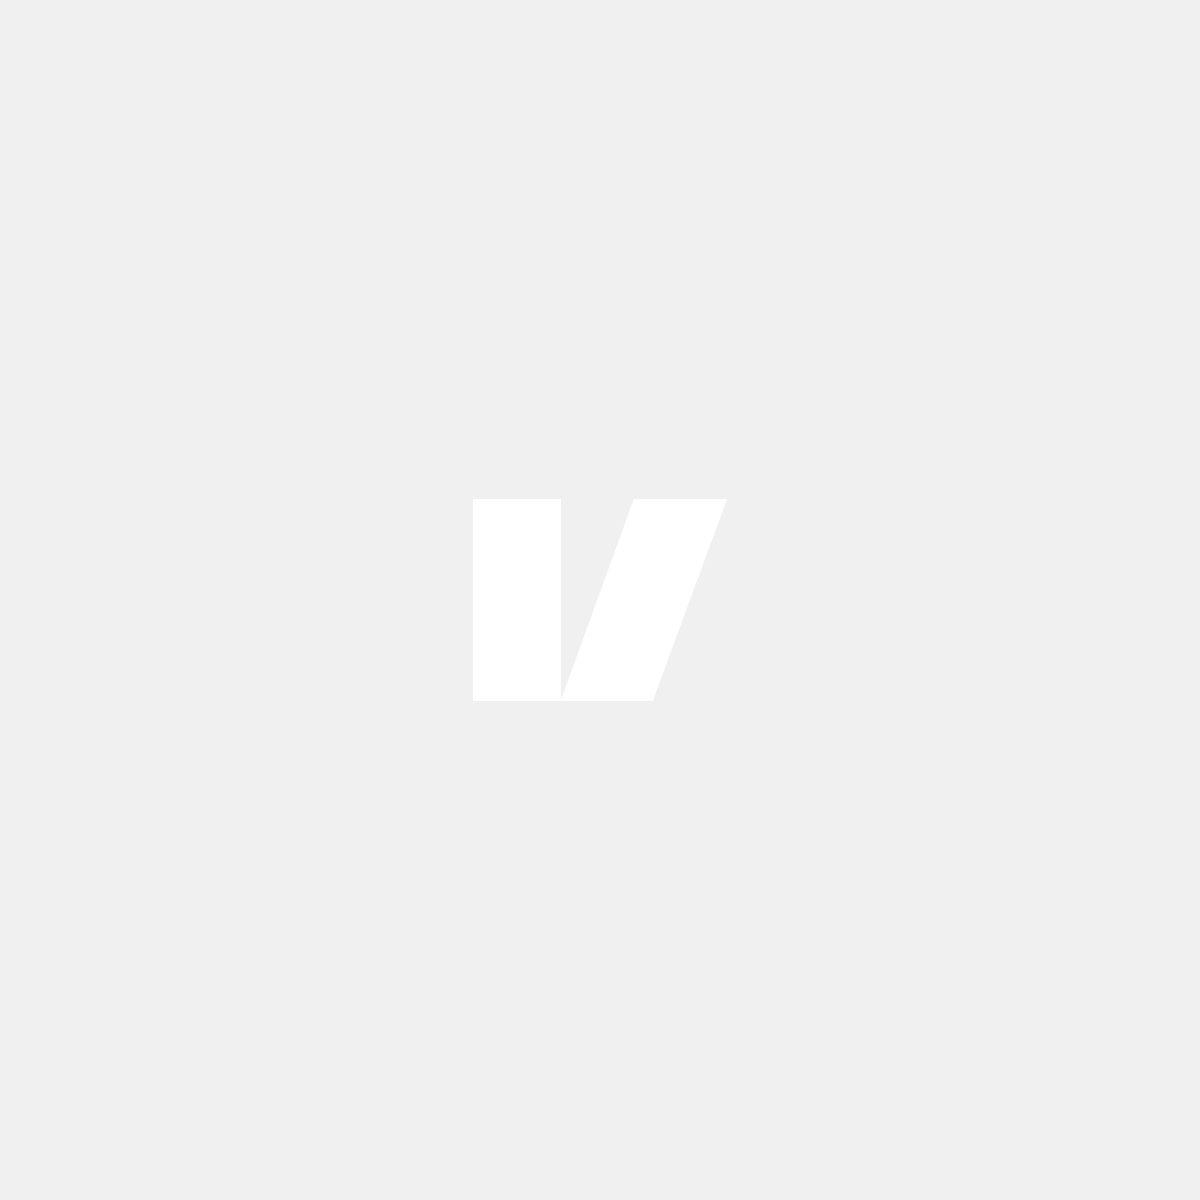 Volvo vindavvisare med kromlist